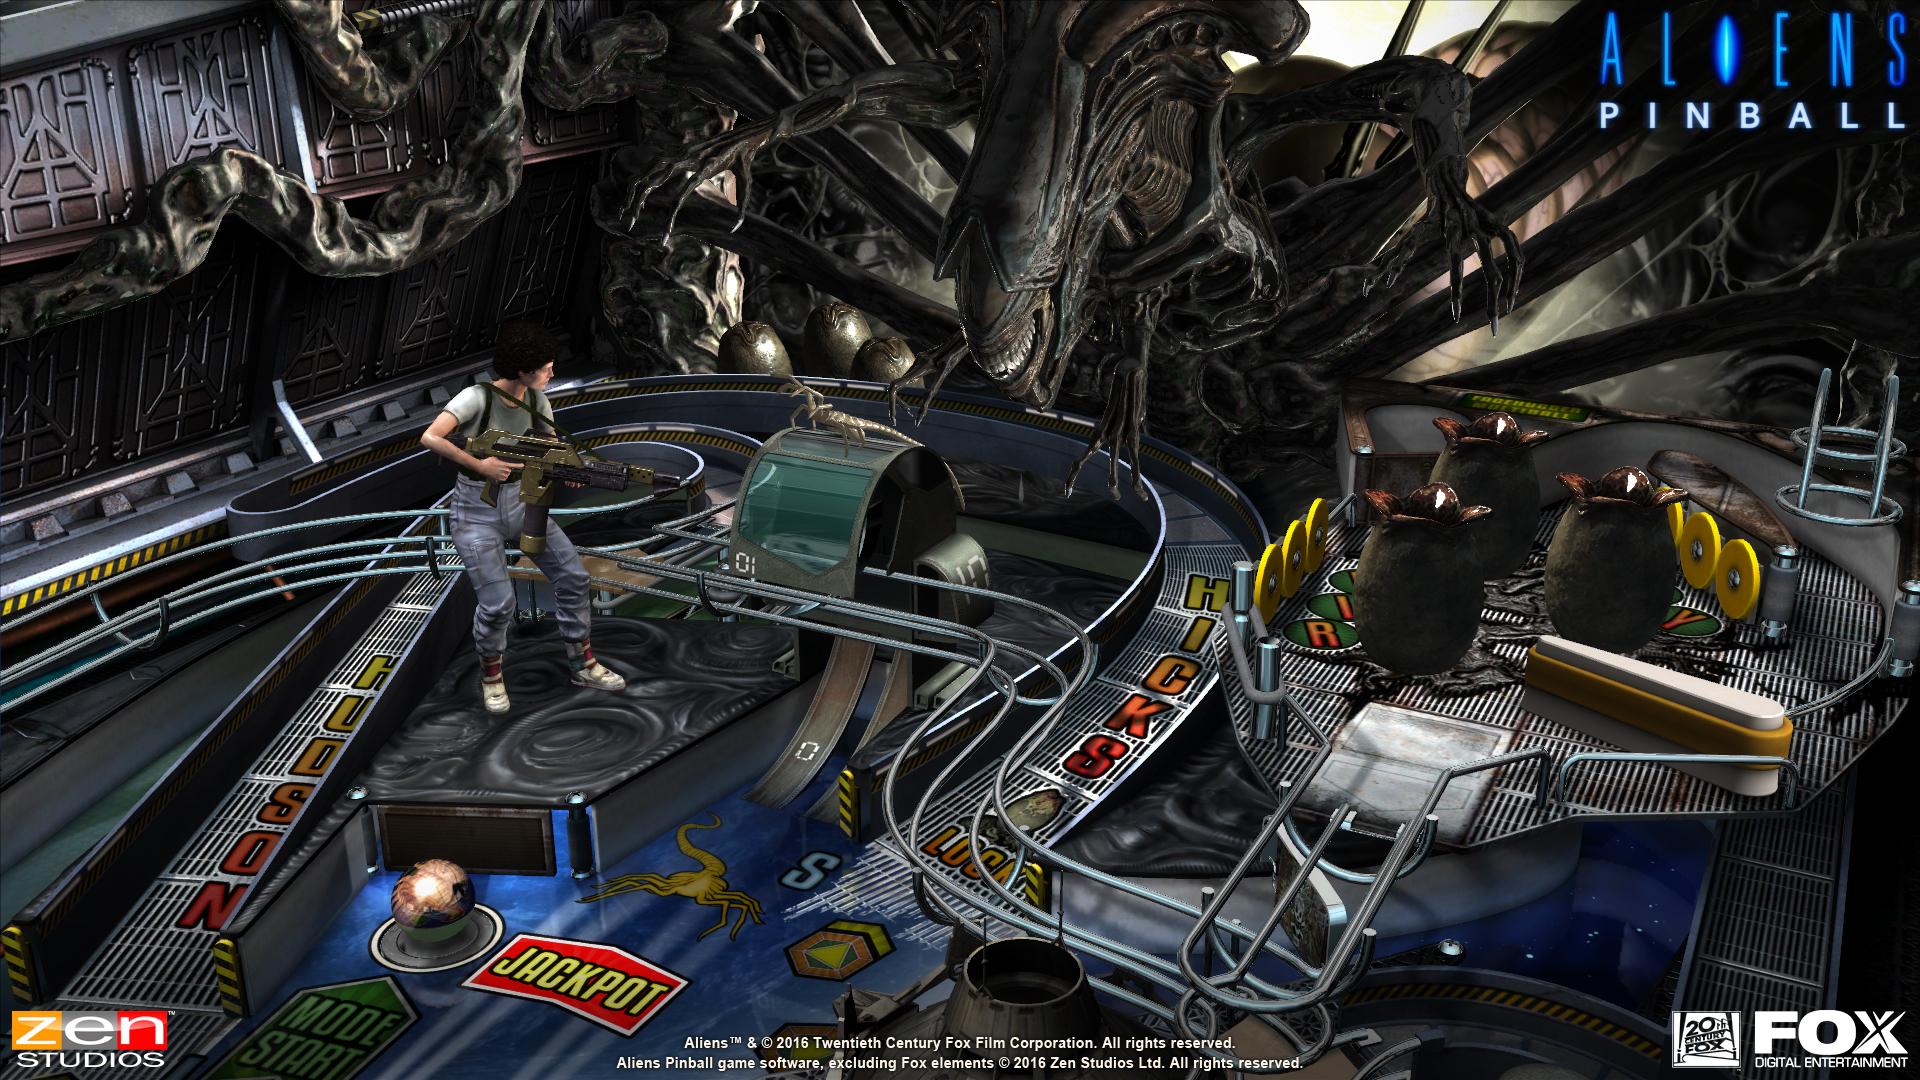 Alien vs Pinball Announcement Screenshot - 2